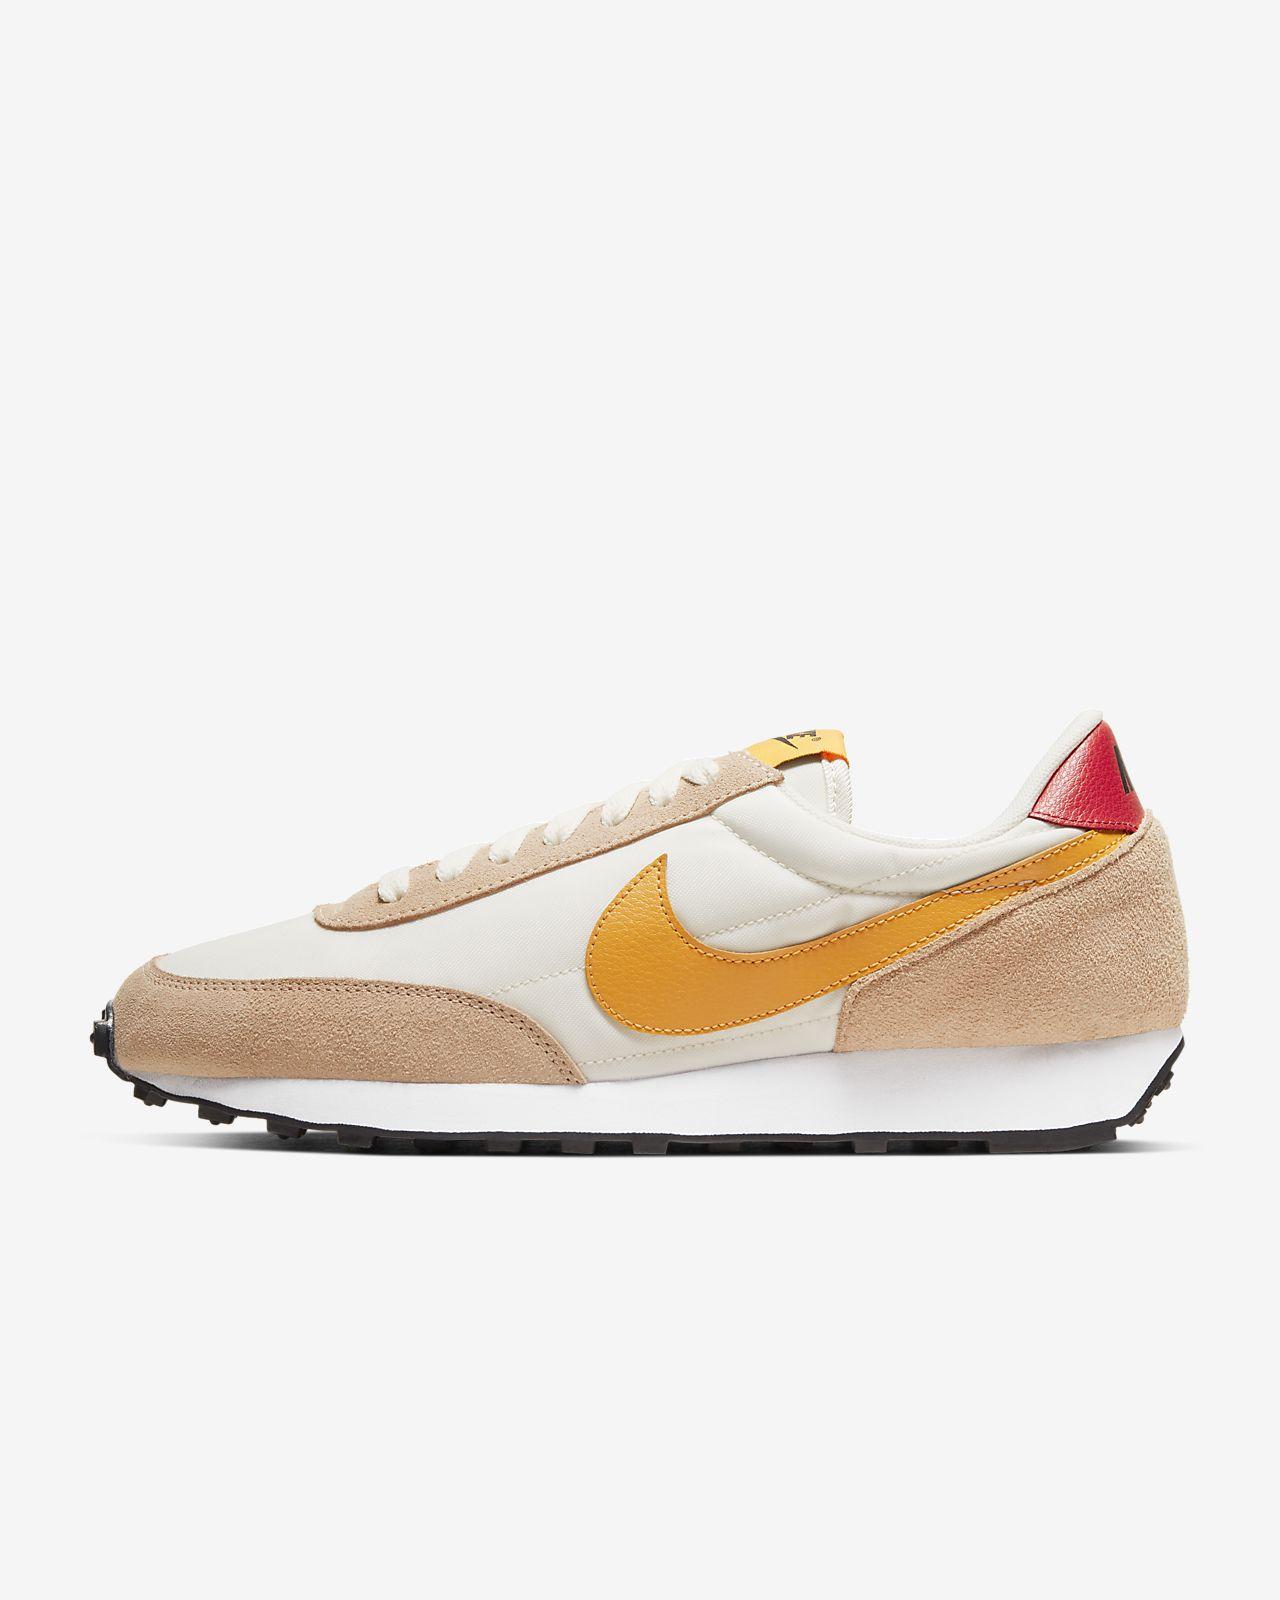 Nike Daybreak Women's Shoe